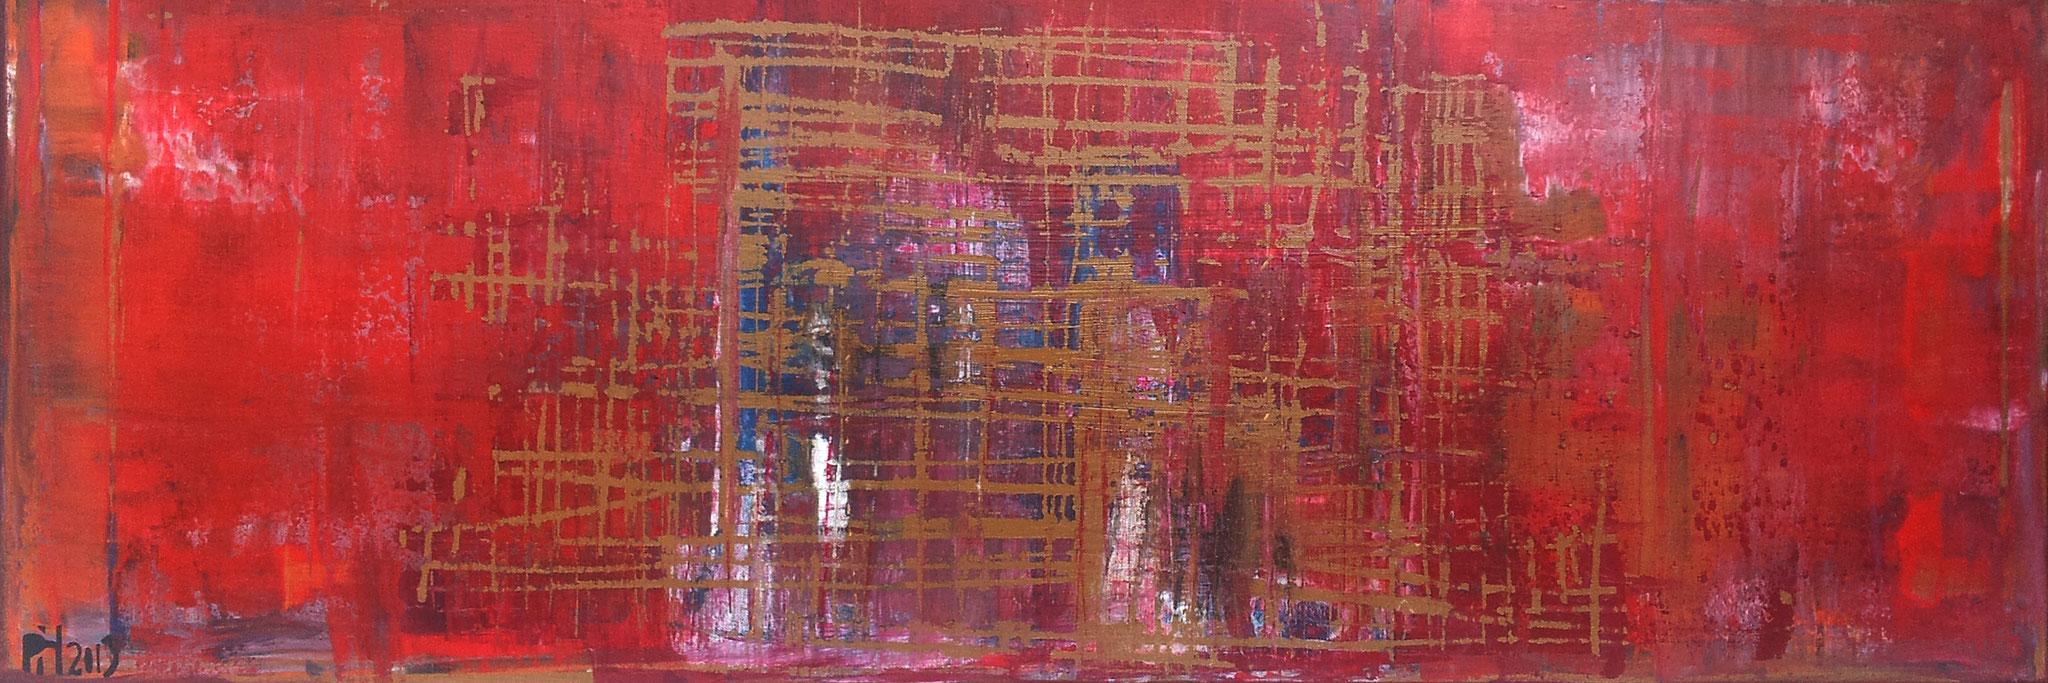 No. 49 - Mischtechnik Acryl auf Leinwand 120x40 cm (2013)